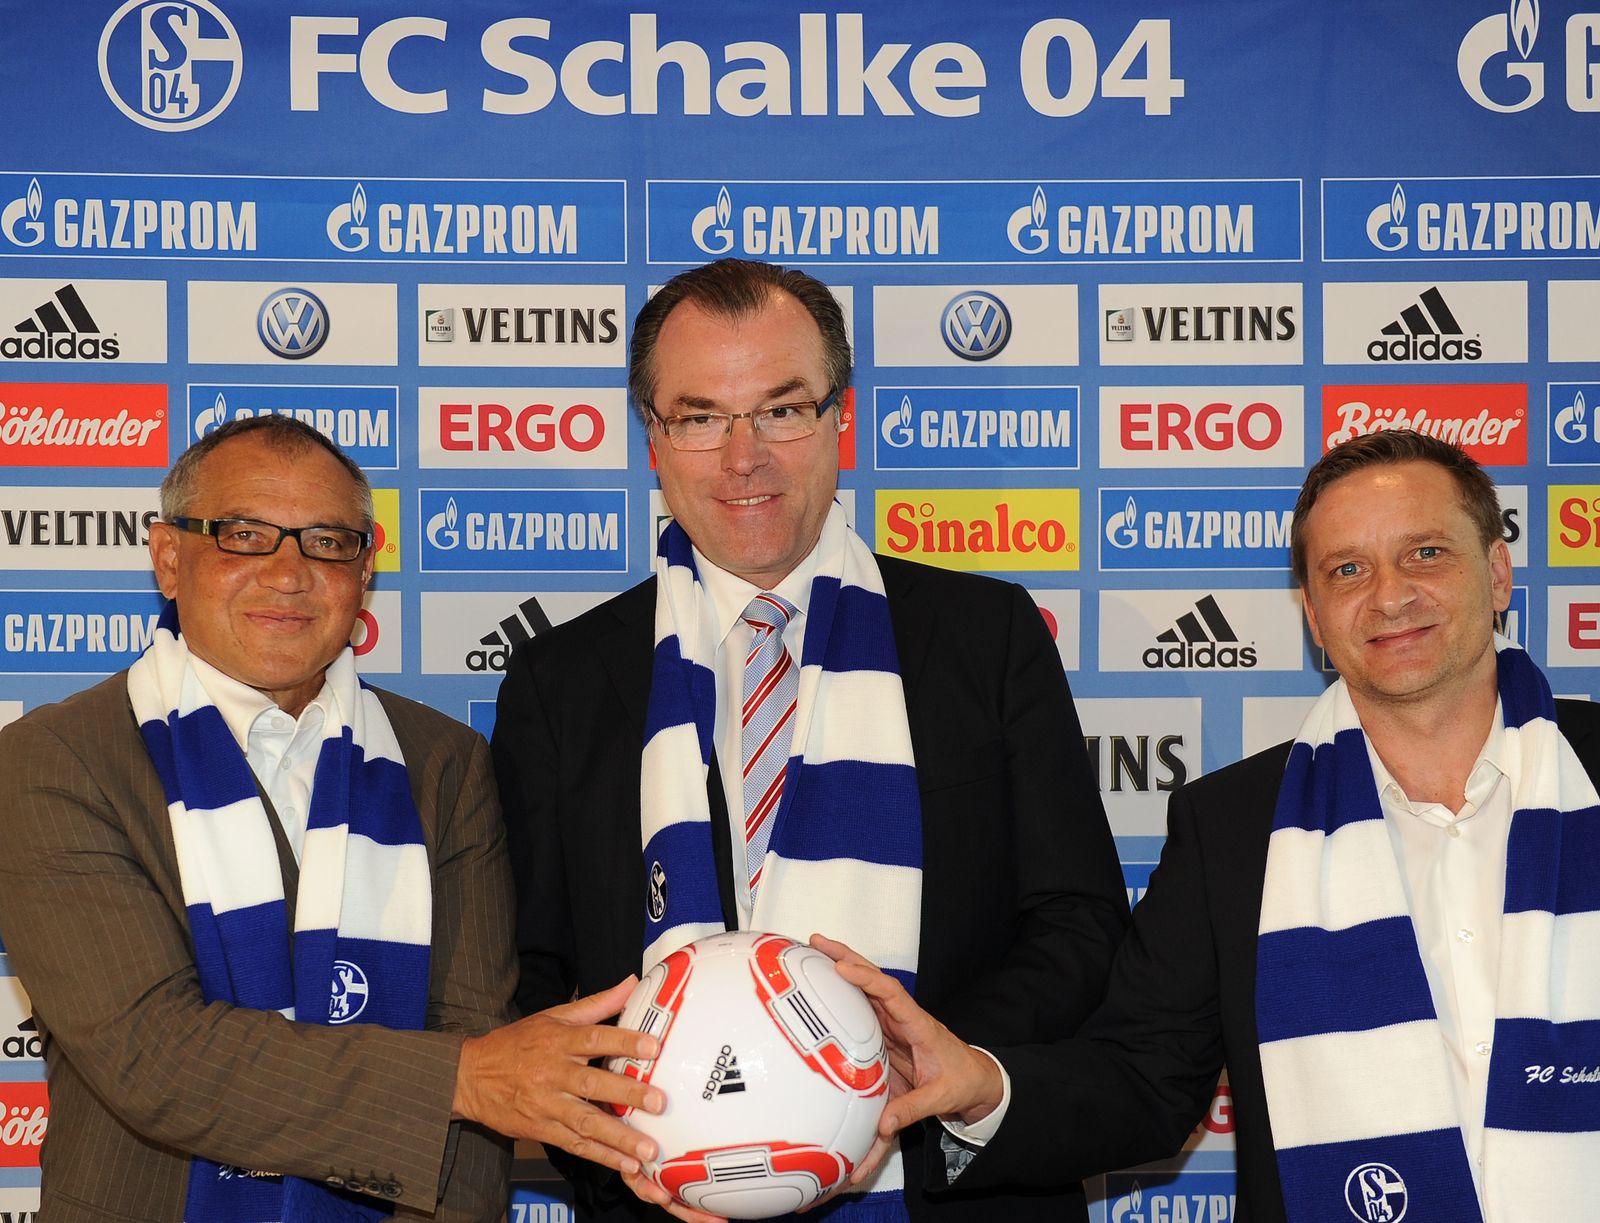 Schalke 04 / Clemens Tönnies